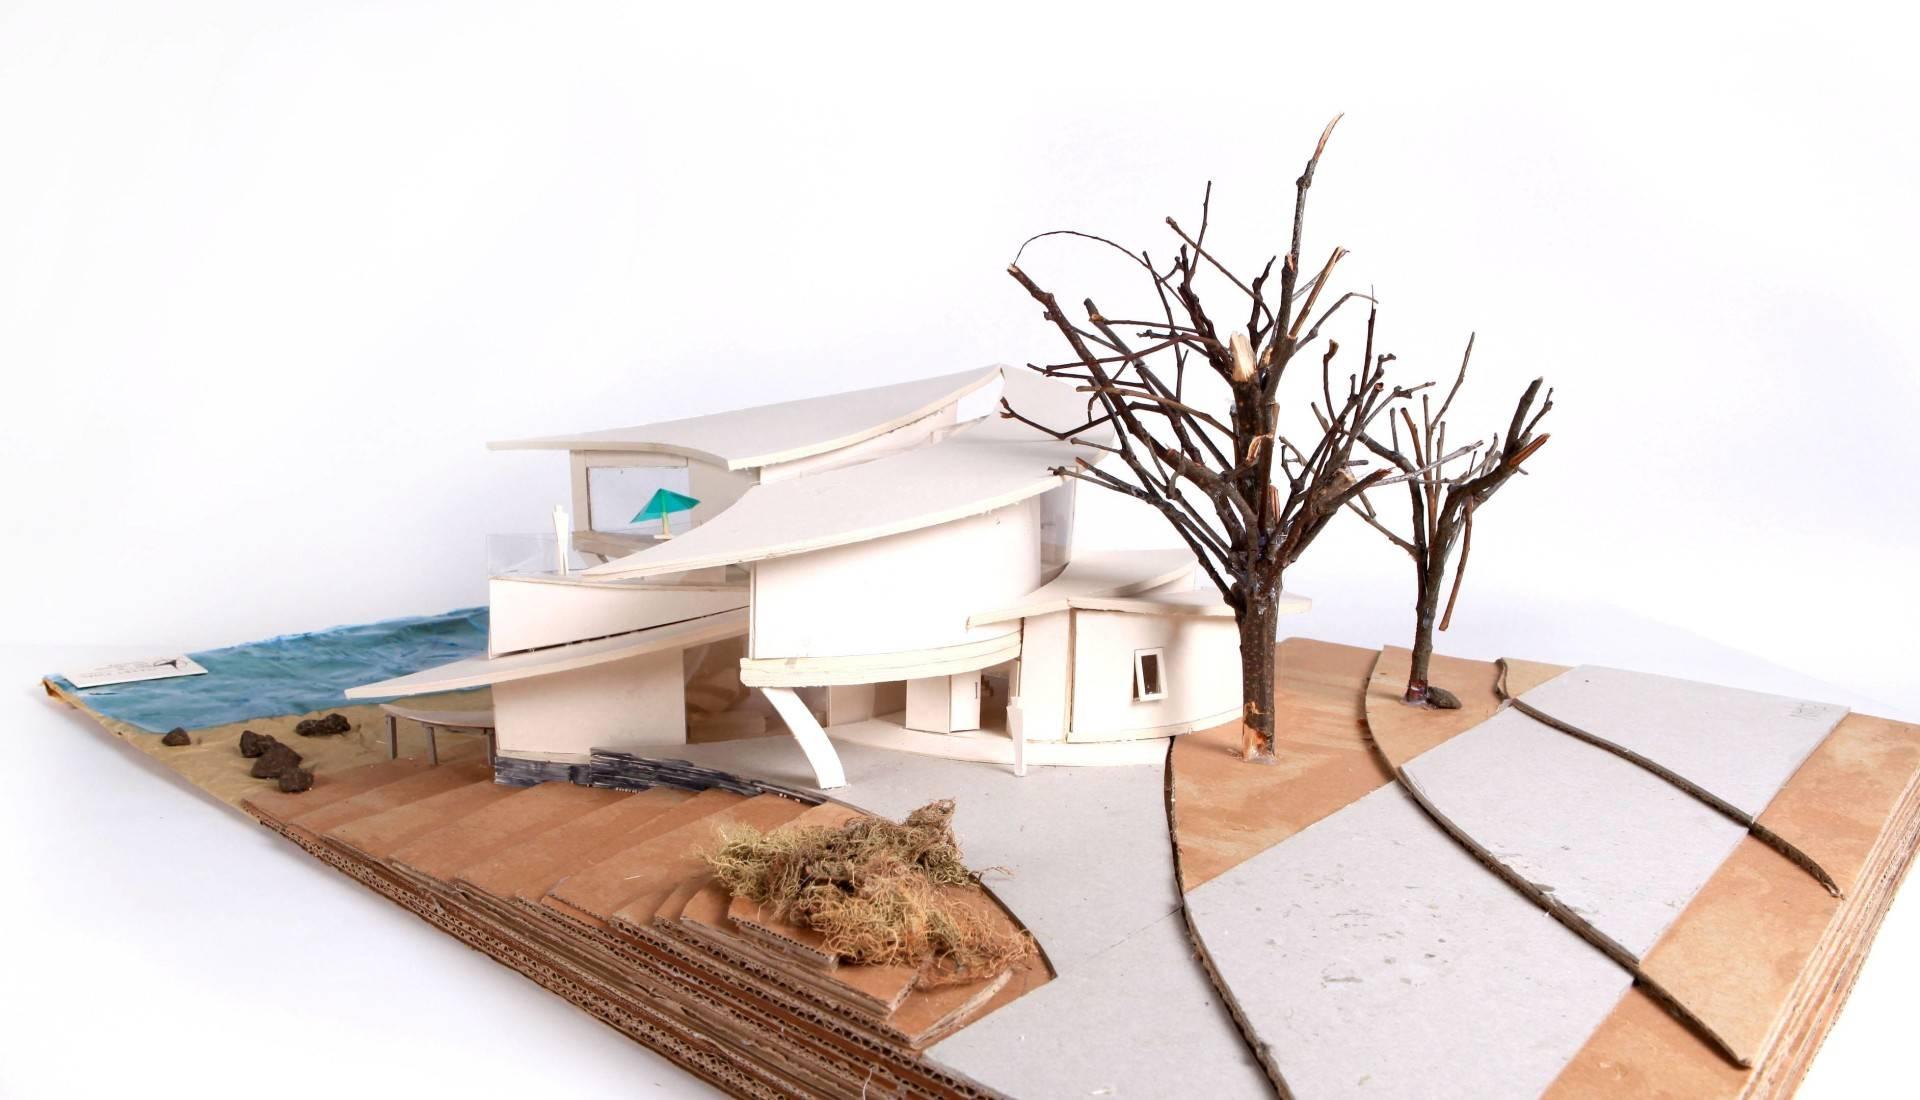 Evan Kriswandi An Artist's House Carita Beach Carita Beach Photo-860   860